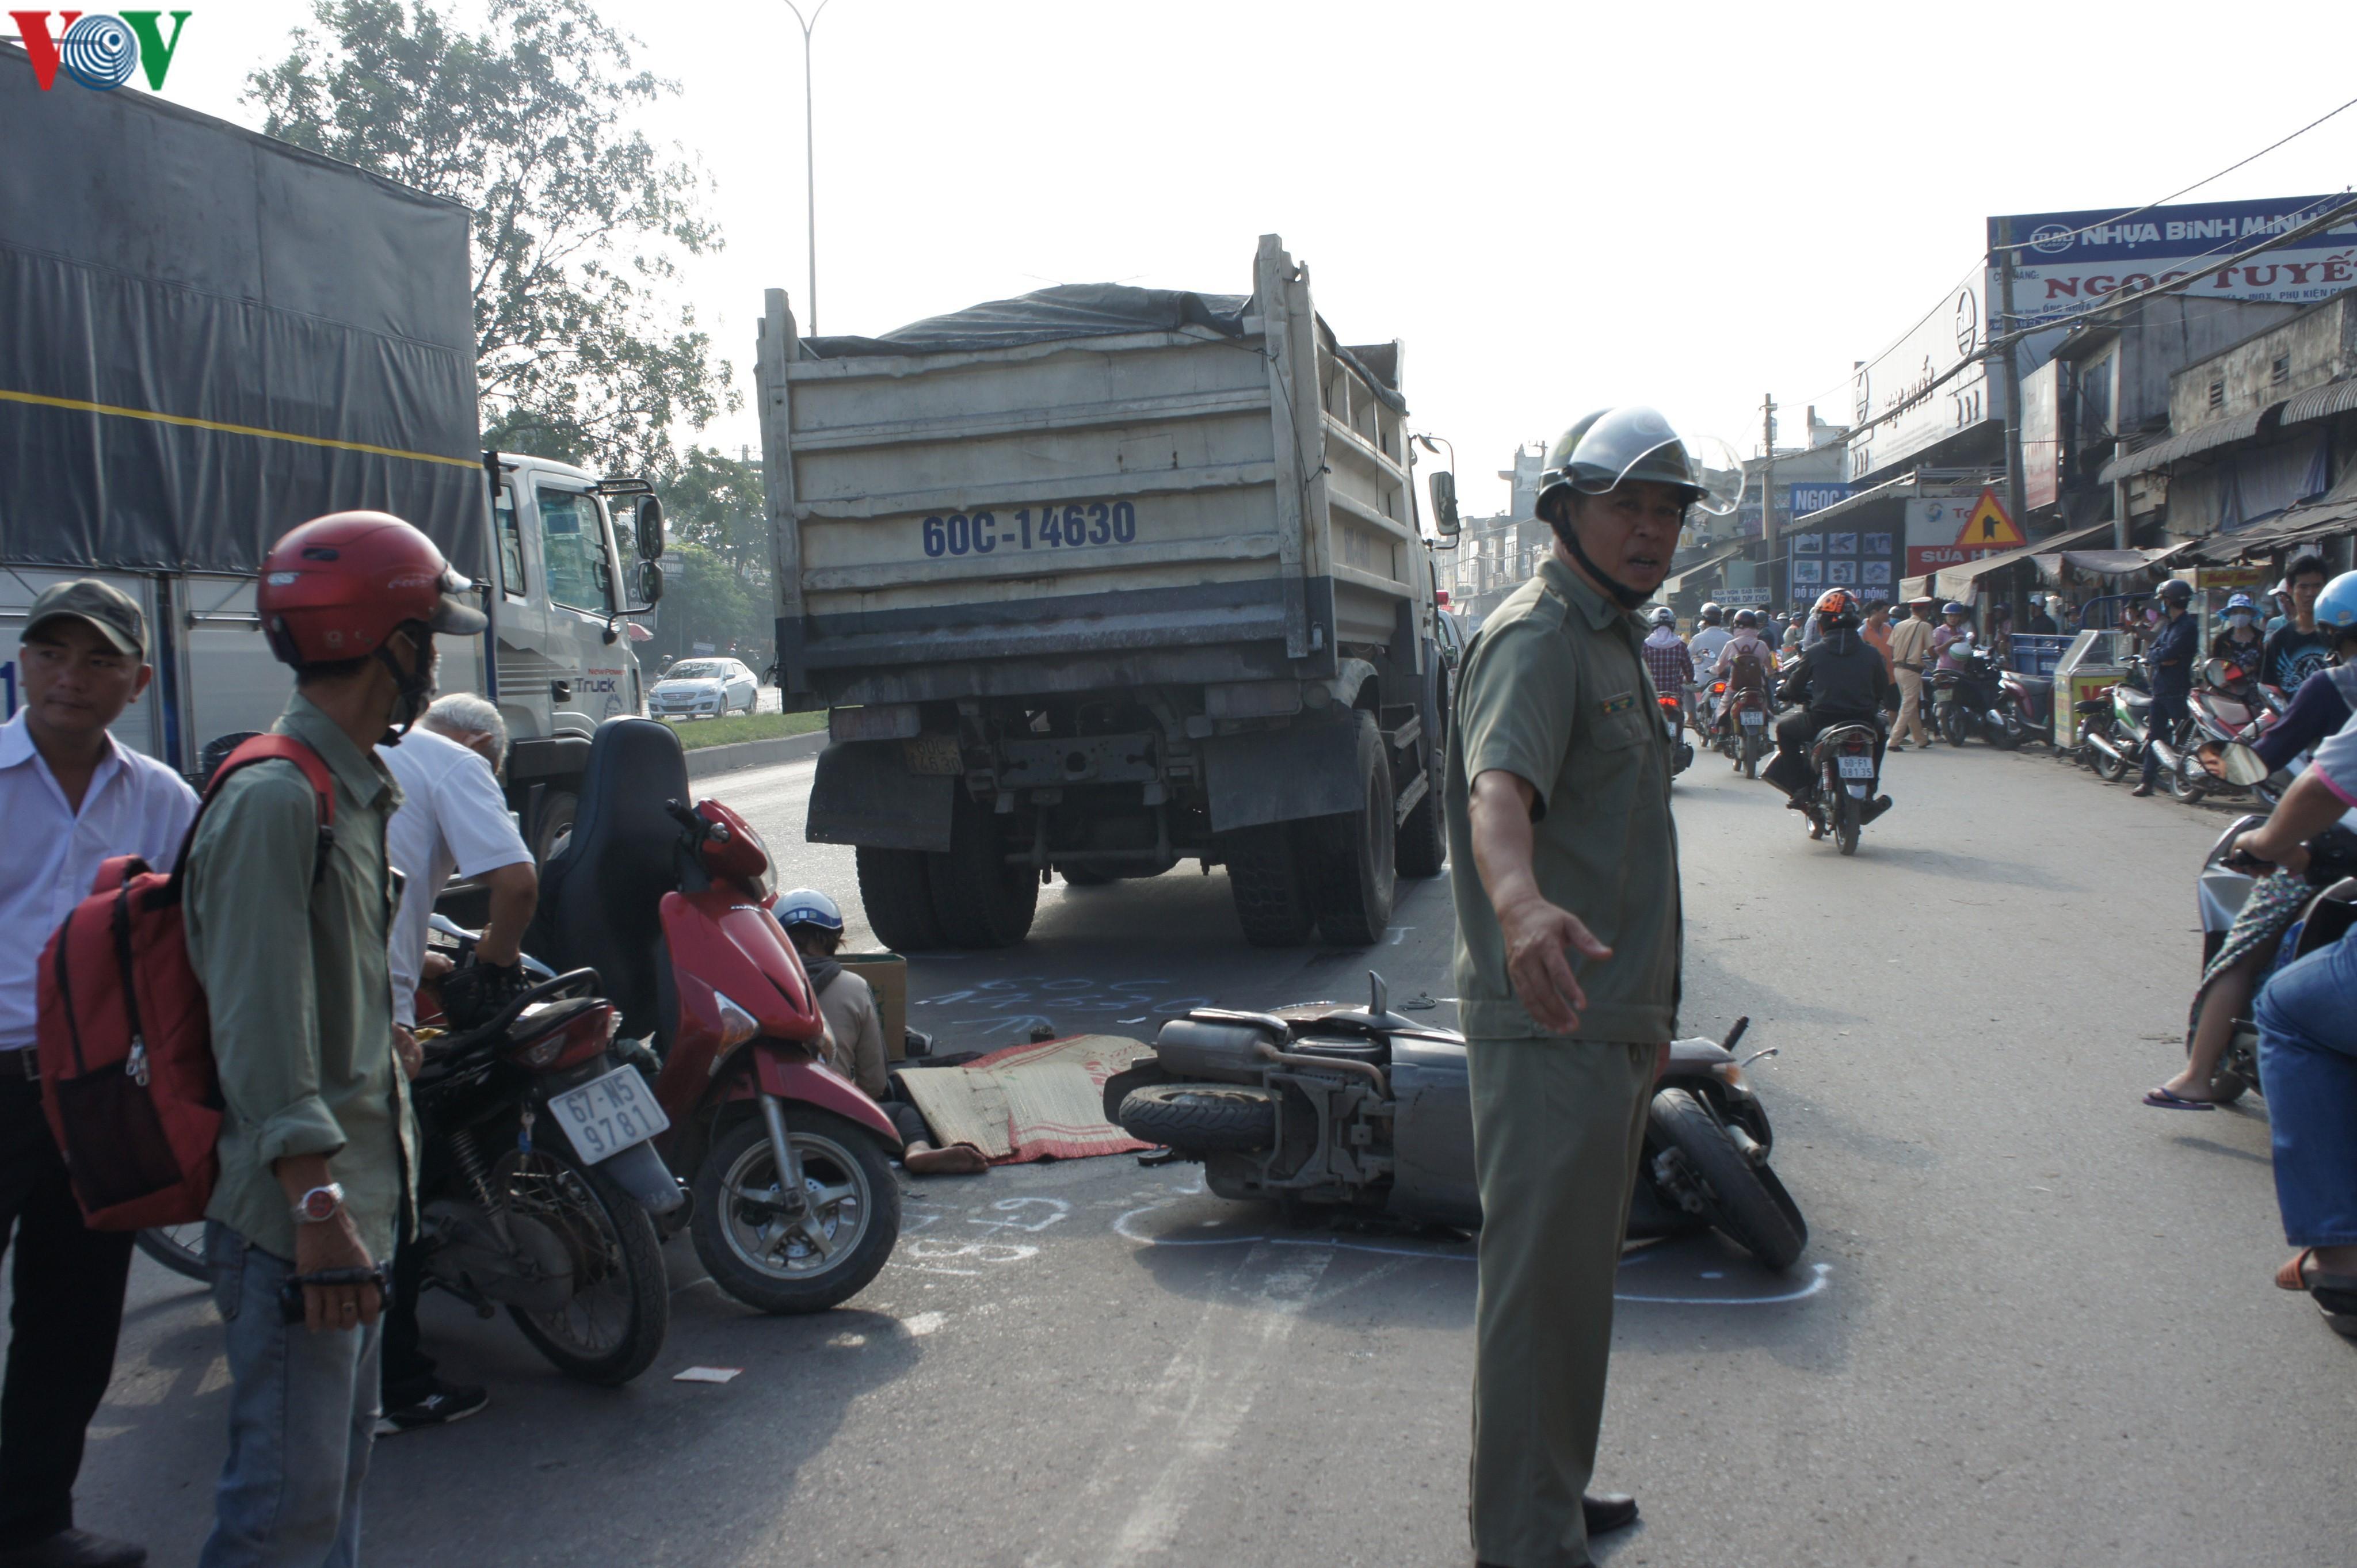 Lại tai nạn giao thông gây chết người liên quan đến xe ben ở Đồng Nai Ảnh 1